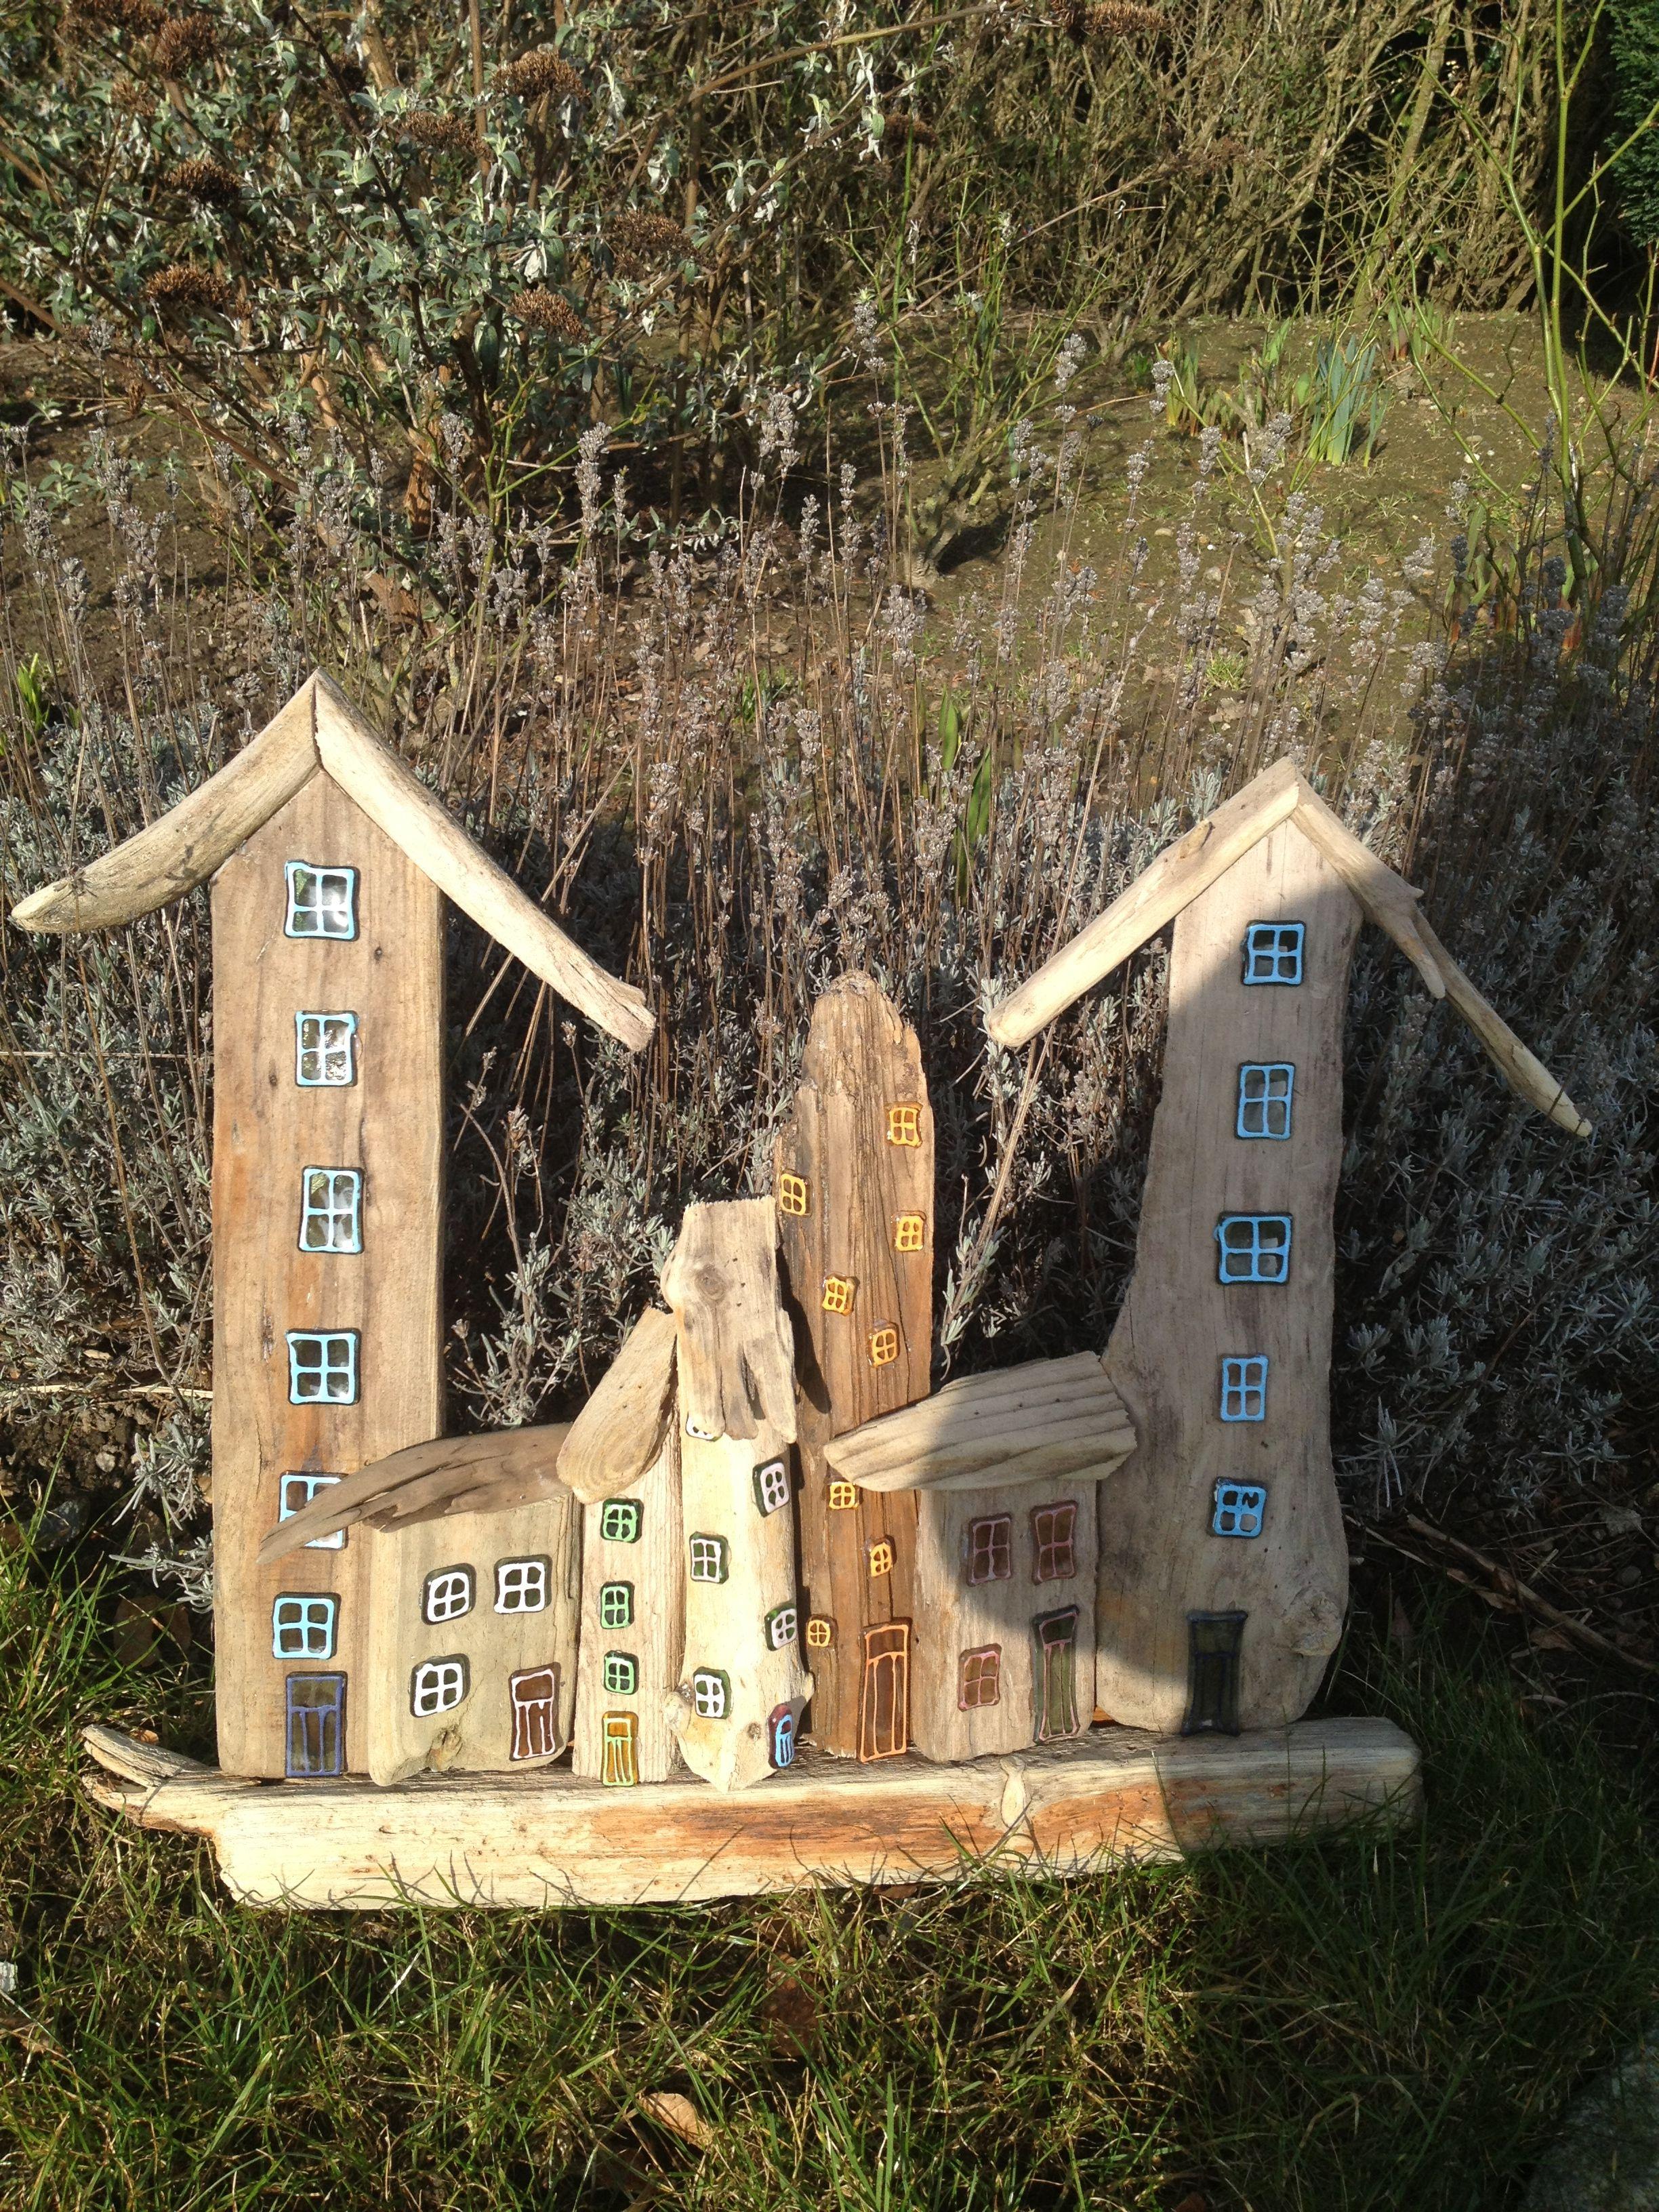 småhuse i træ